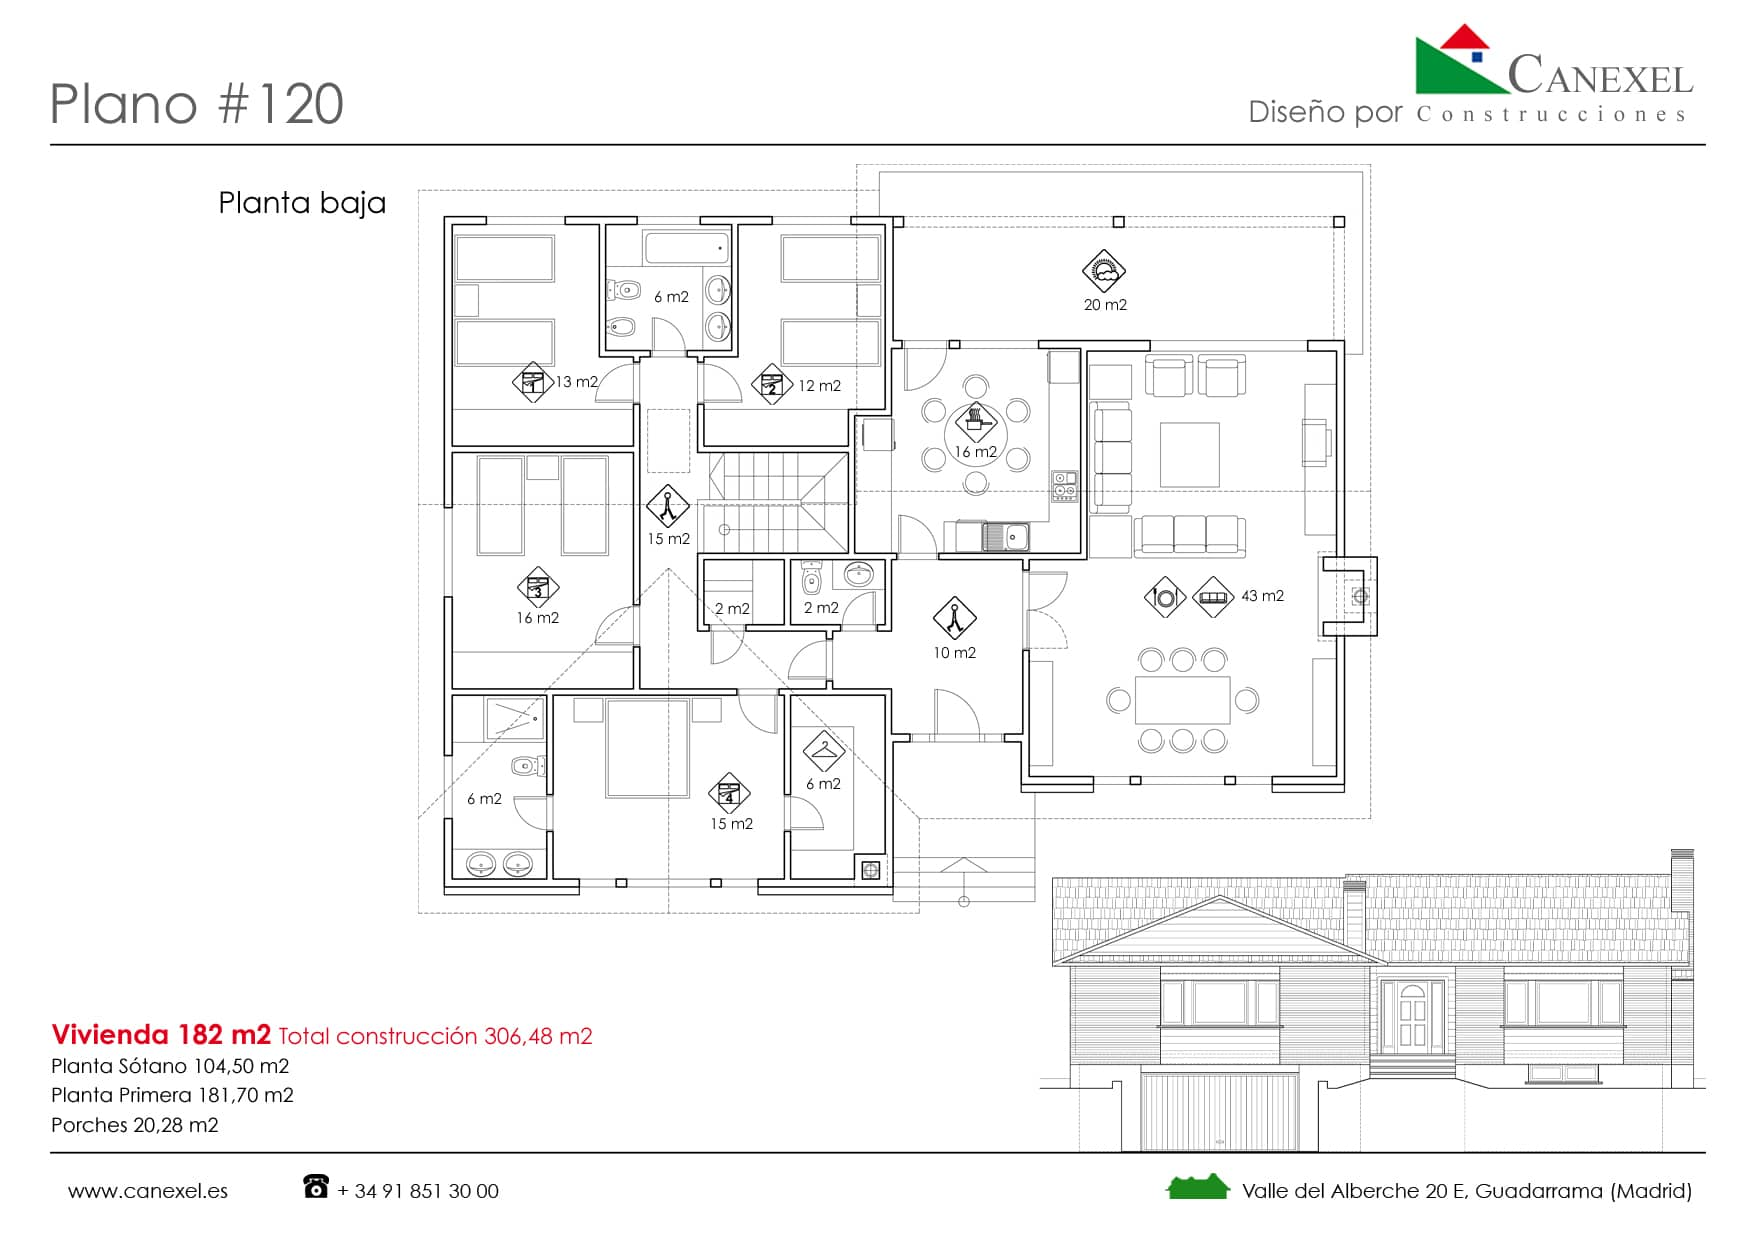 Planos de casas de una planta canexel for Planos de casas de una planta 4 dormitorios